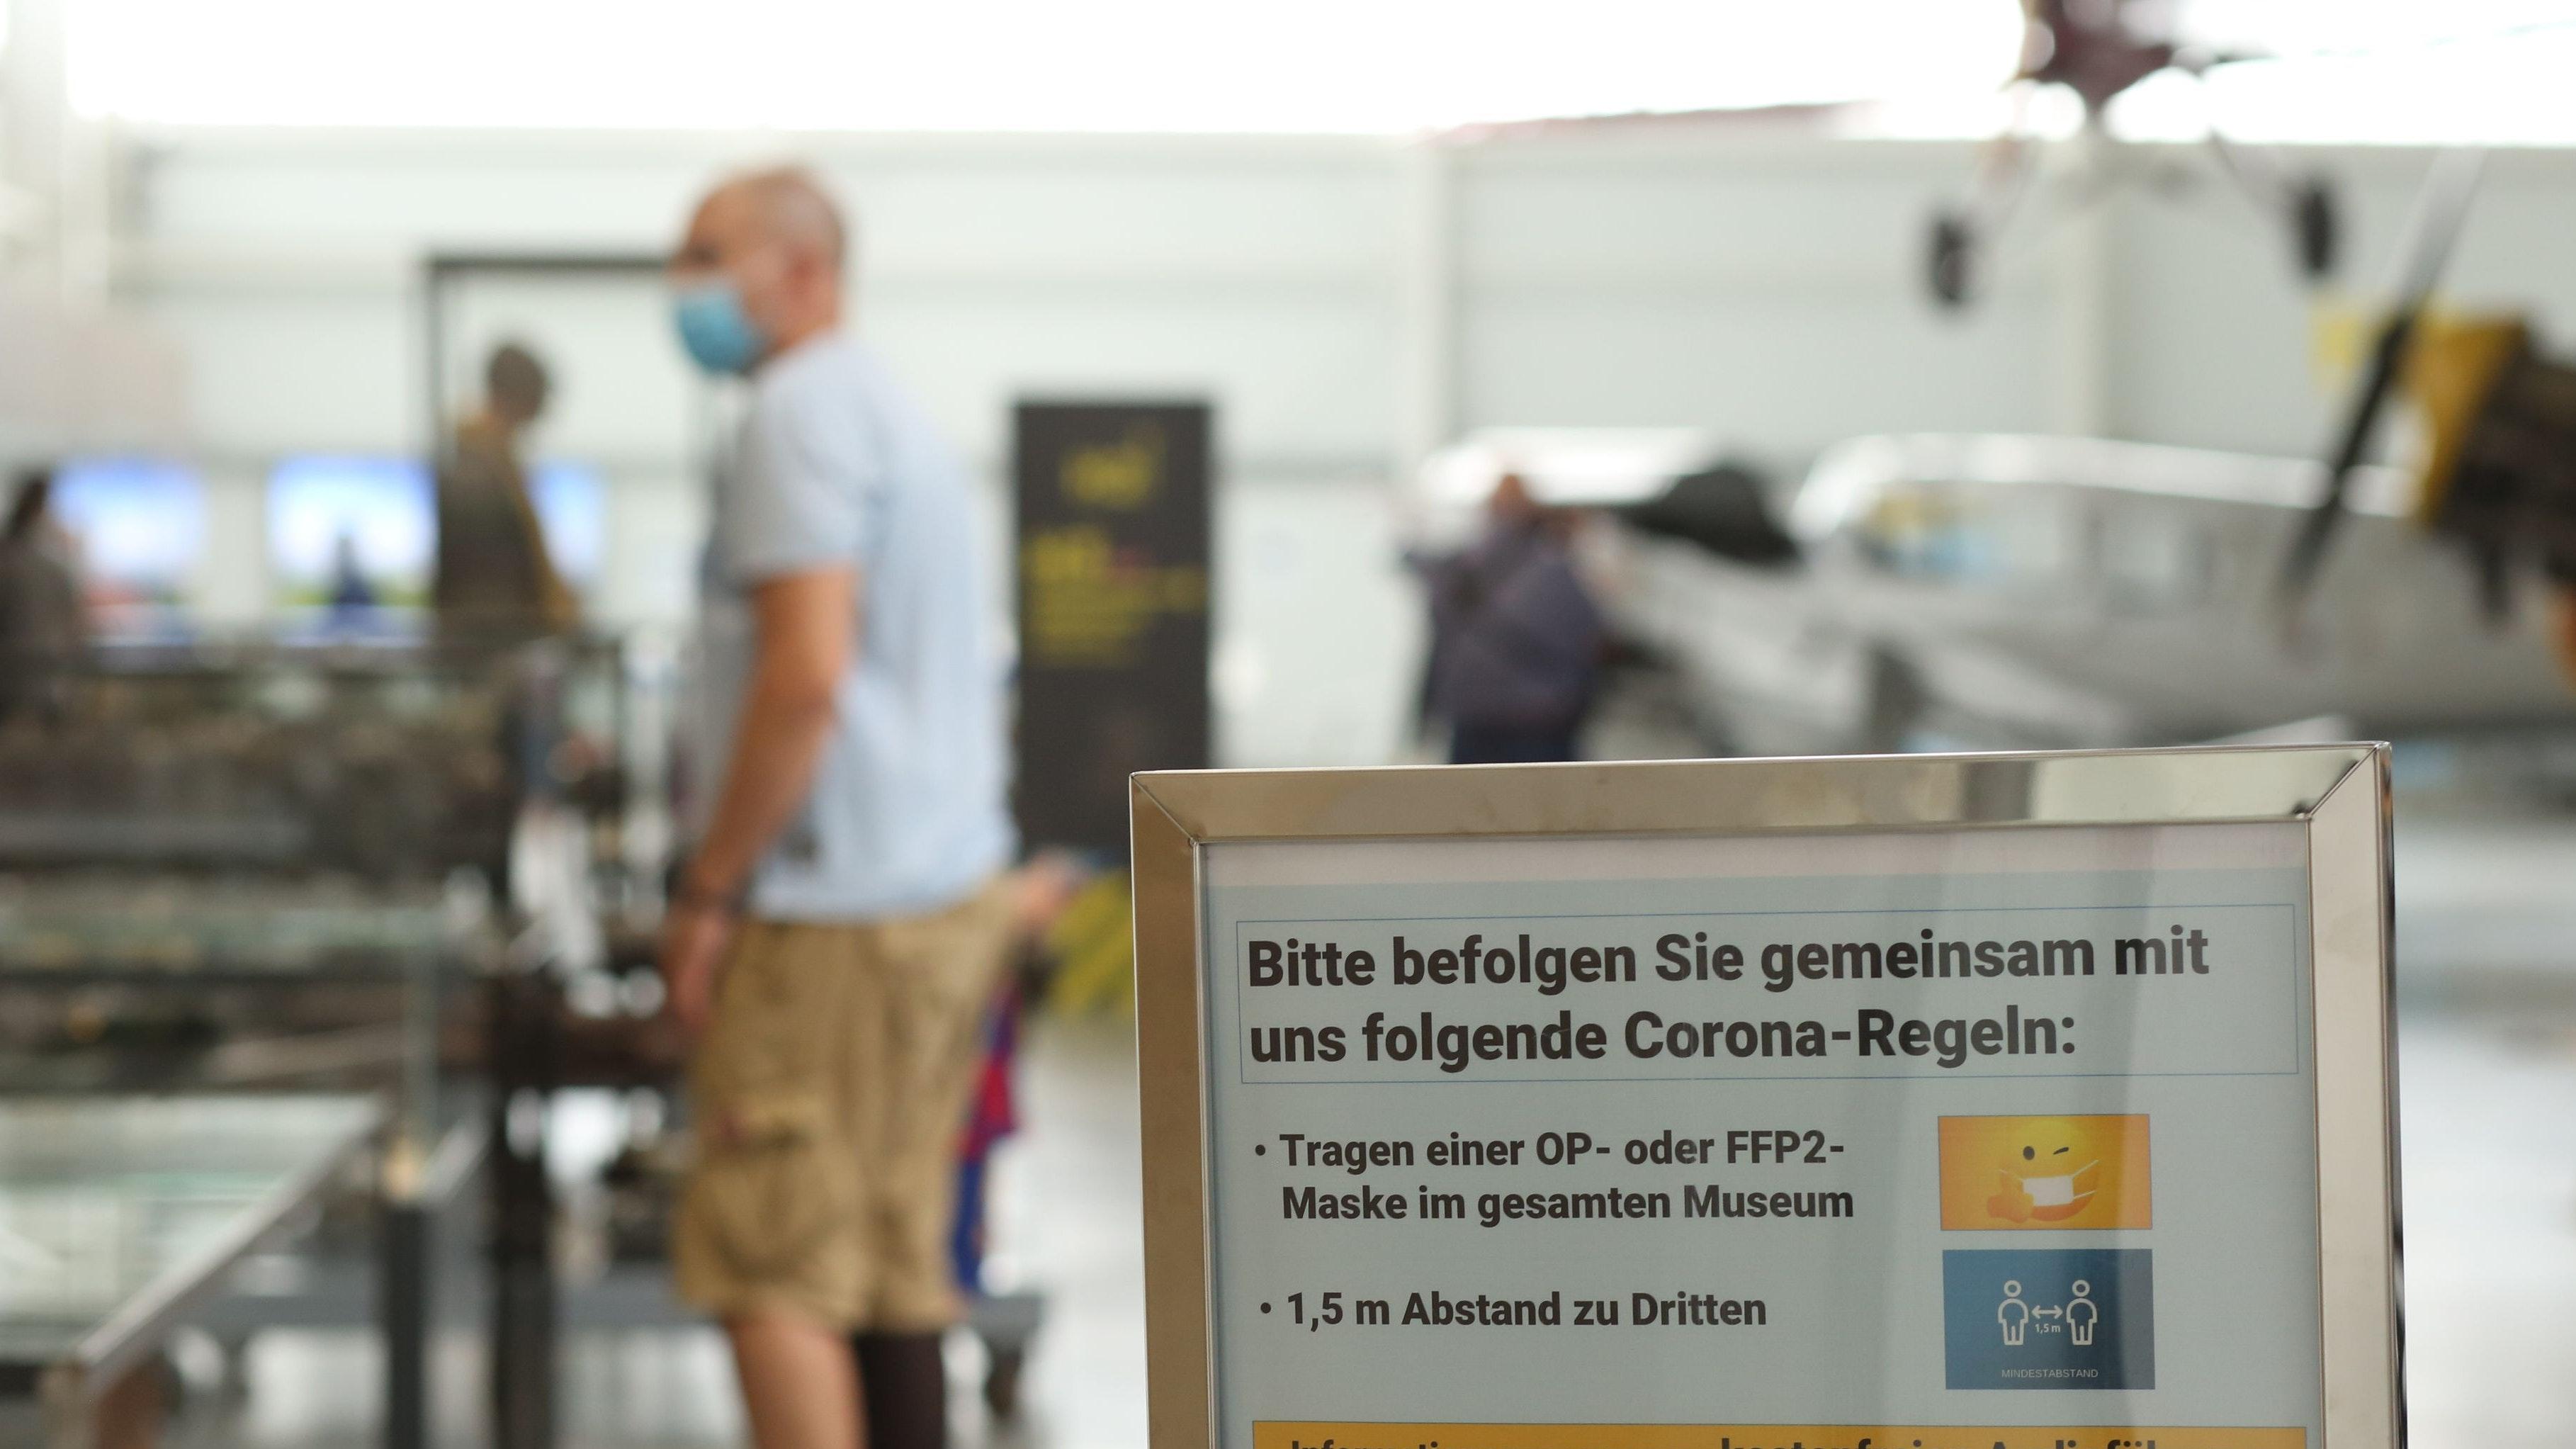 Bei der Abstands- und Maskenpflicht bleibt es auch in der neuen Corona-Verordnung des Landes Niedersachsen. Symbolfoto: dpa